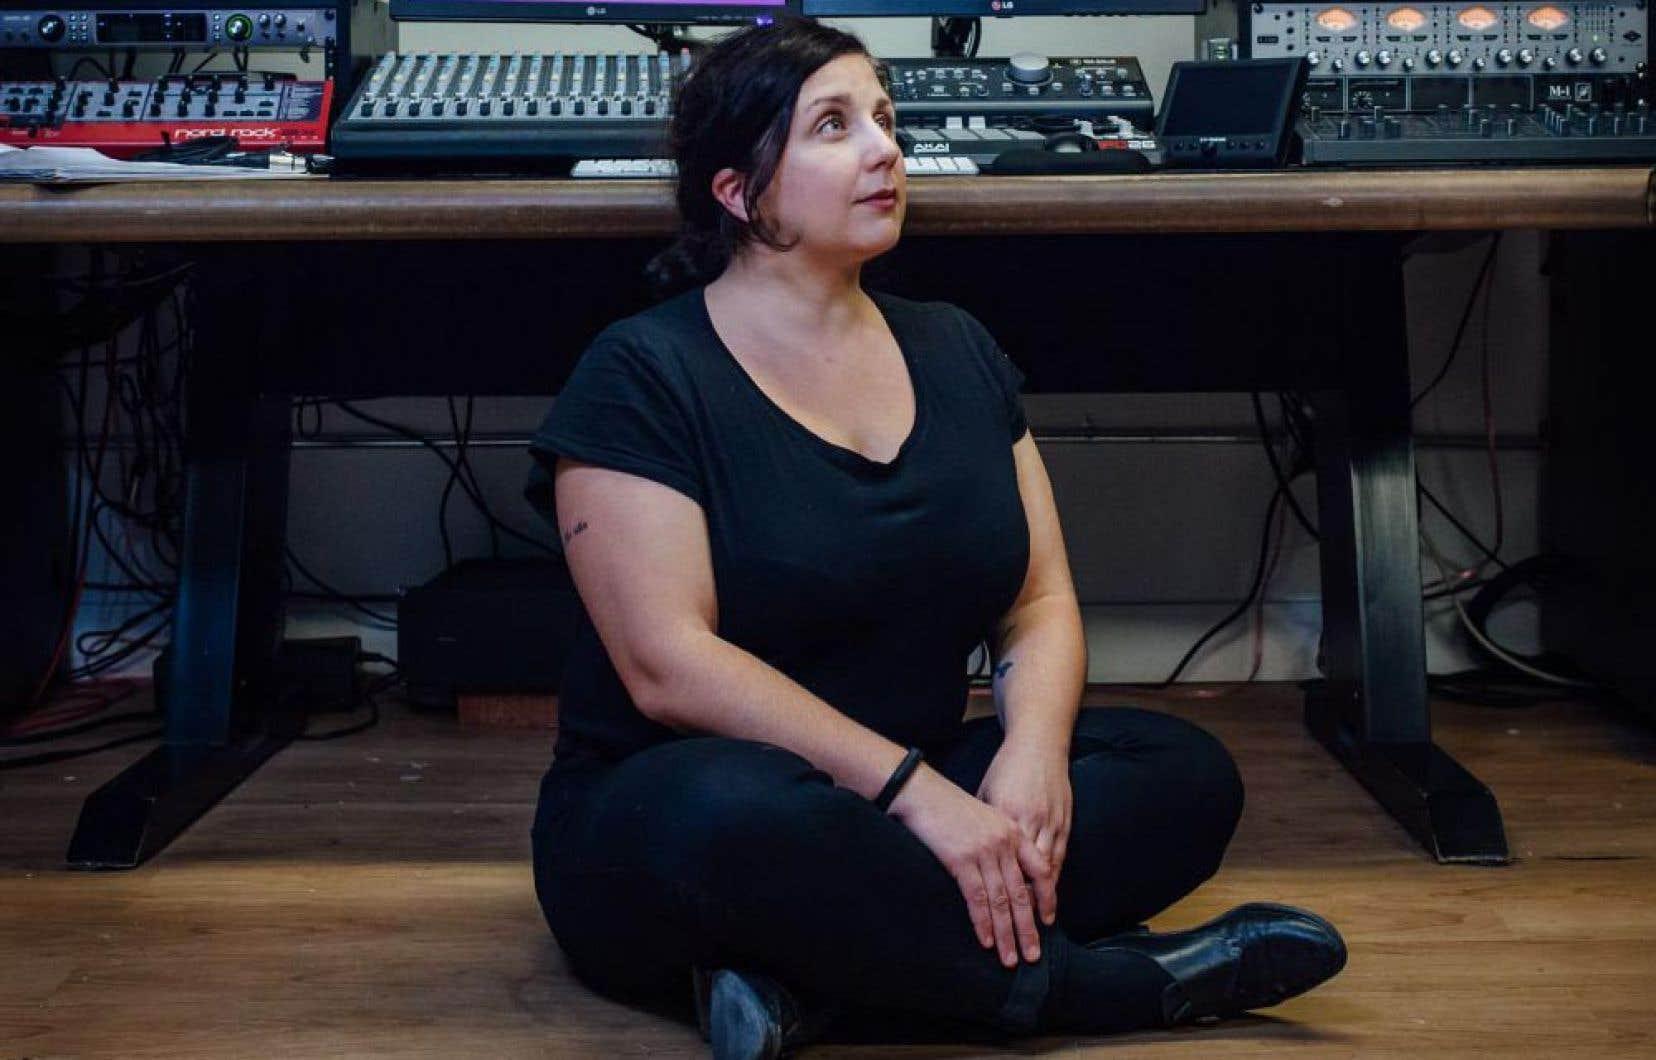 C'est Prune Lieutier qui mène l'exercice, elle qui s'intéresse depuis longtemps au balado, mais aussi à la production jeunesse en général, notamment numérique.